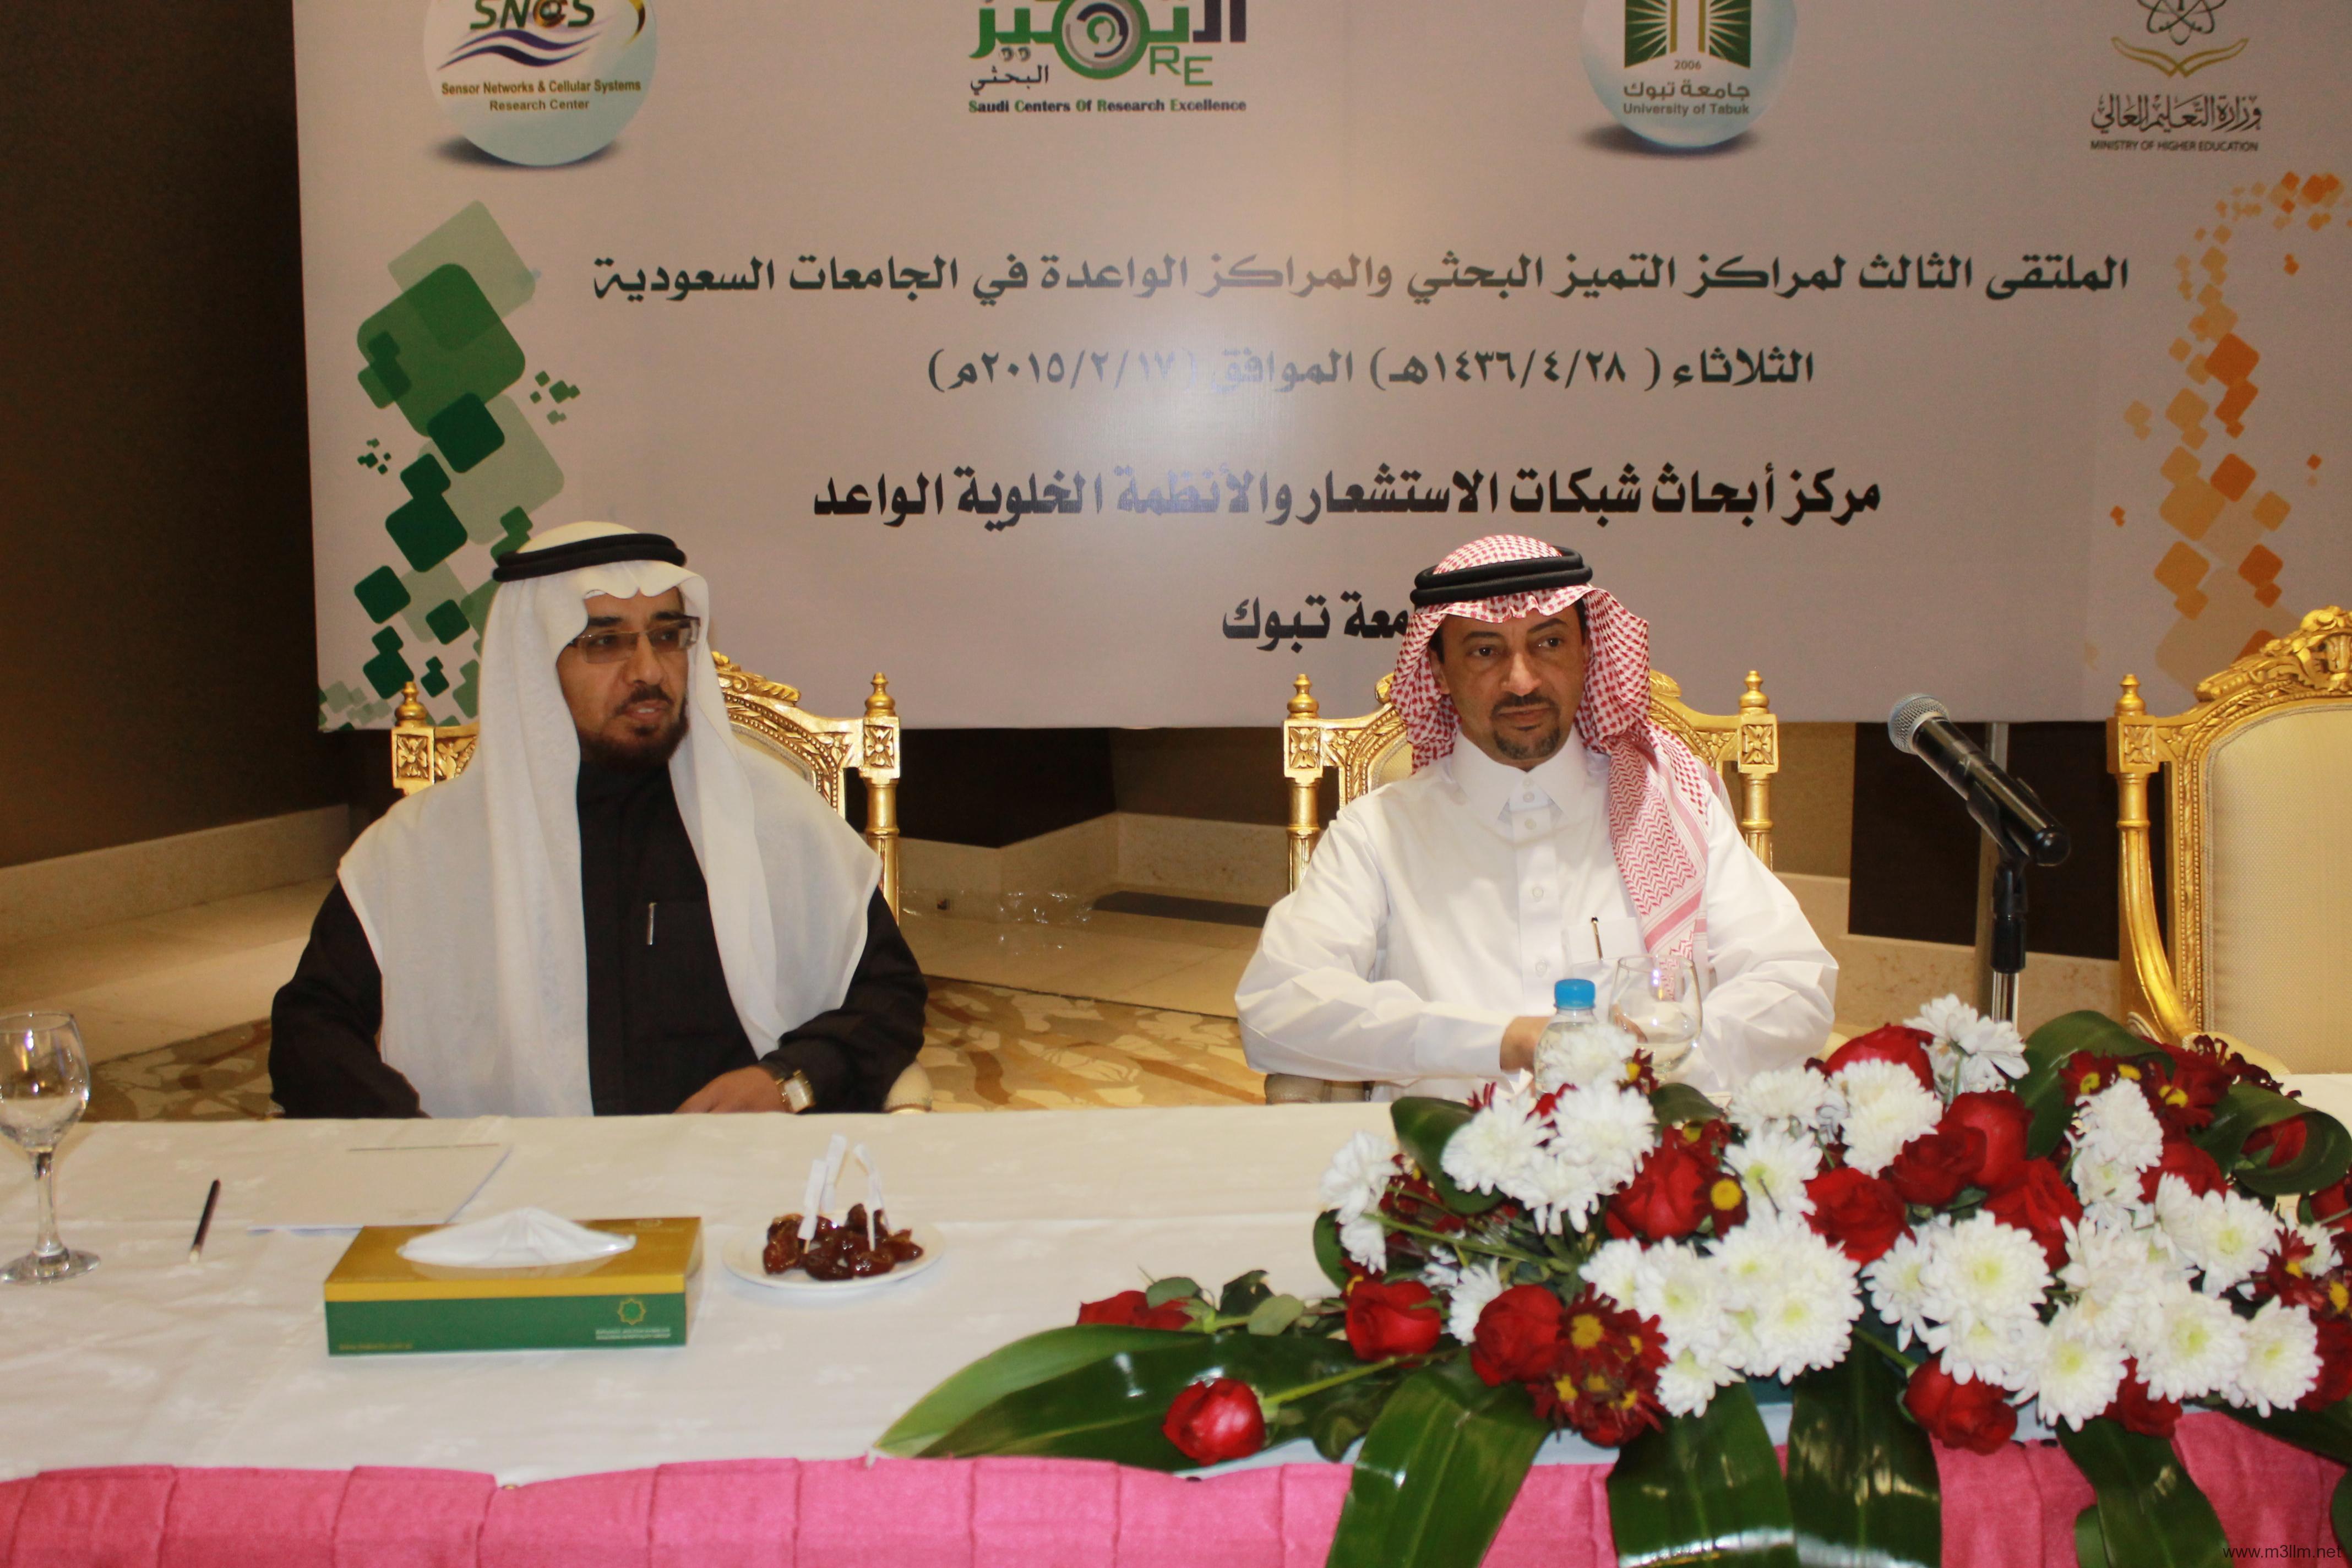 انطلاق فعاليات الملتقى الثالث لمراكز التميز البحثي والمراكز الواعدة في الجامعات السعودية بجامعة تبوك